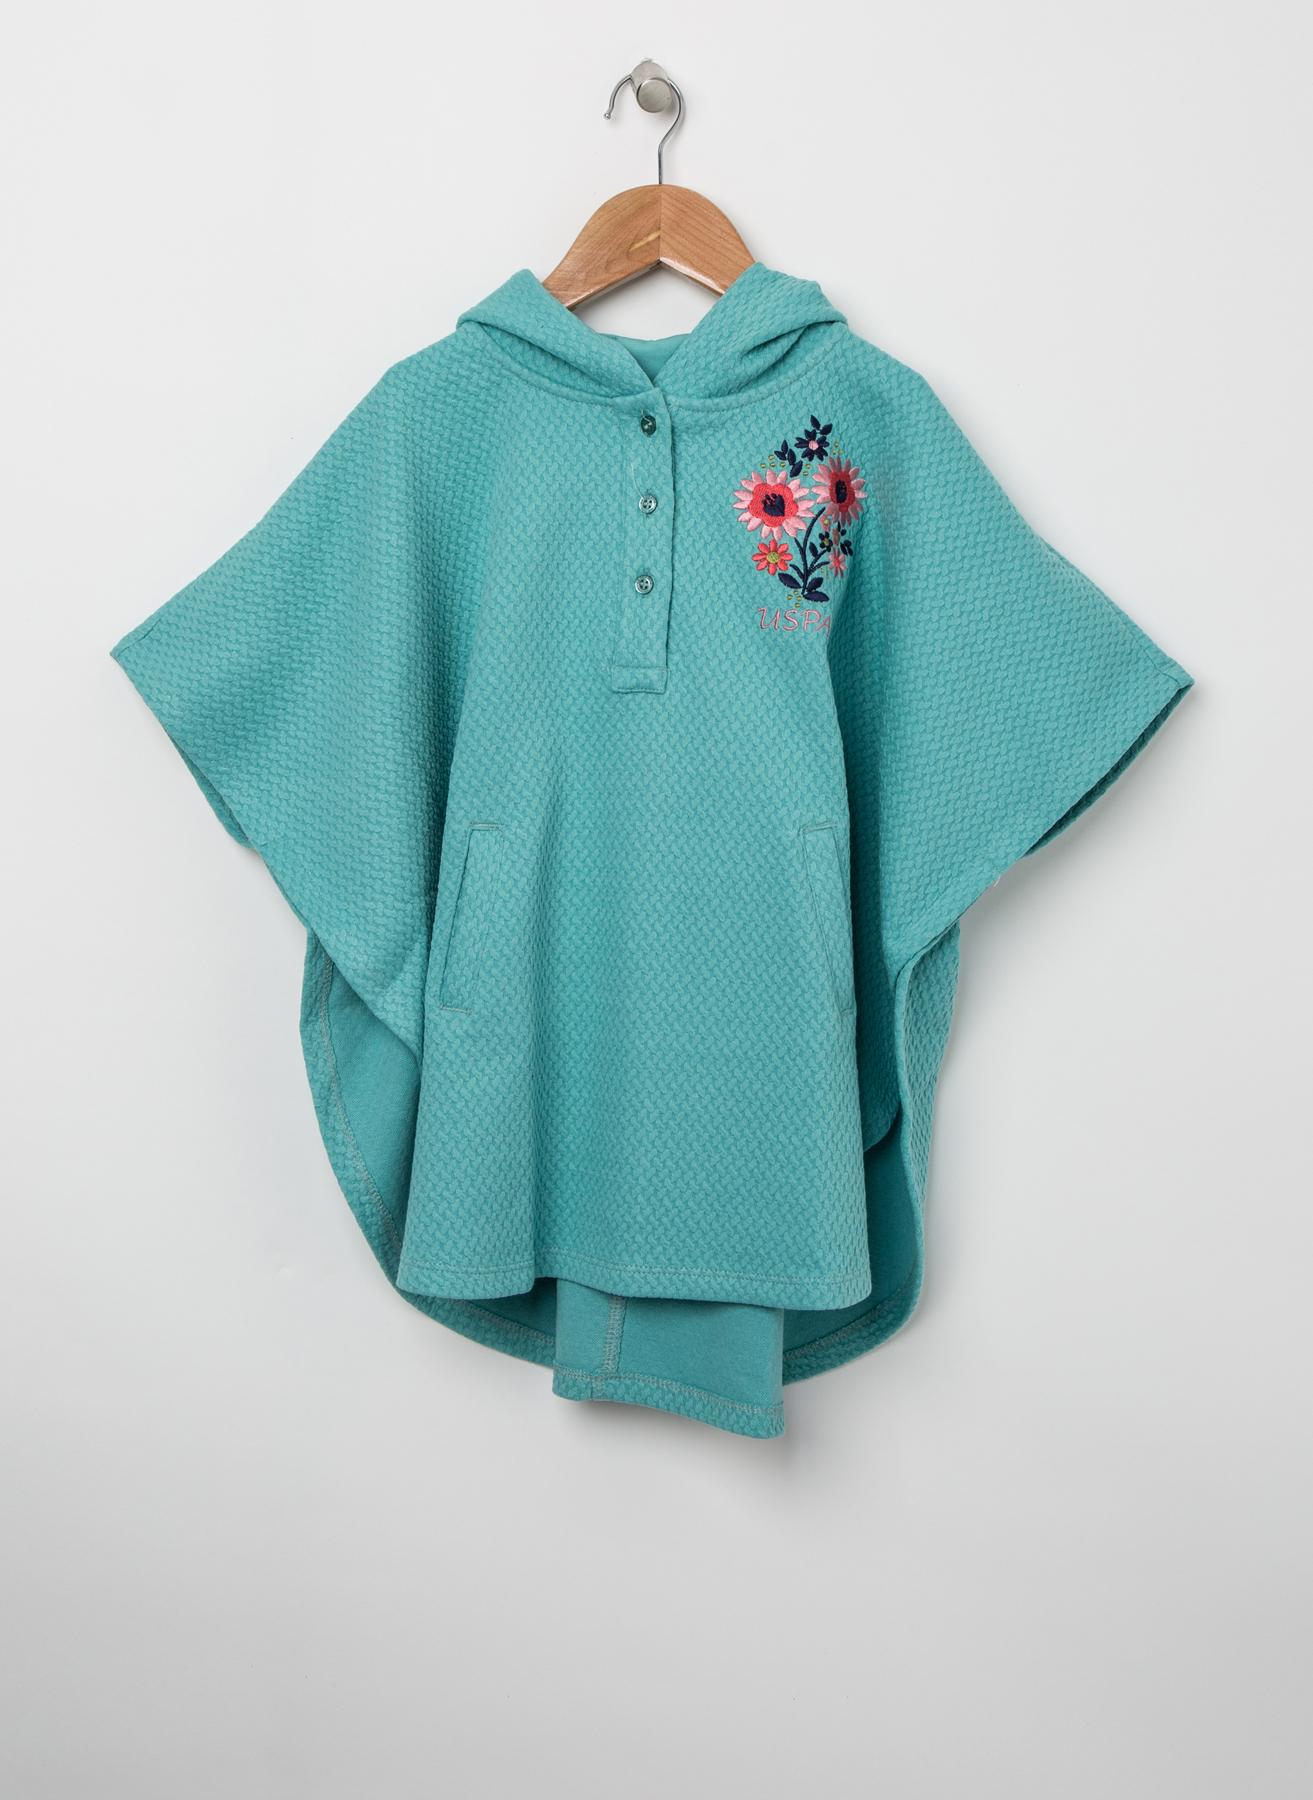 U.S. Polo Assn. Çiçek İşlemeli Yeşil Sweatshirt 3 Yaş 5001704797003 Ürün Resmi